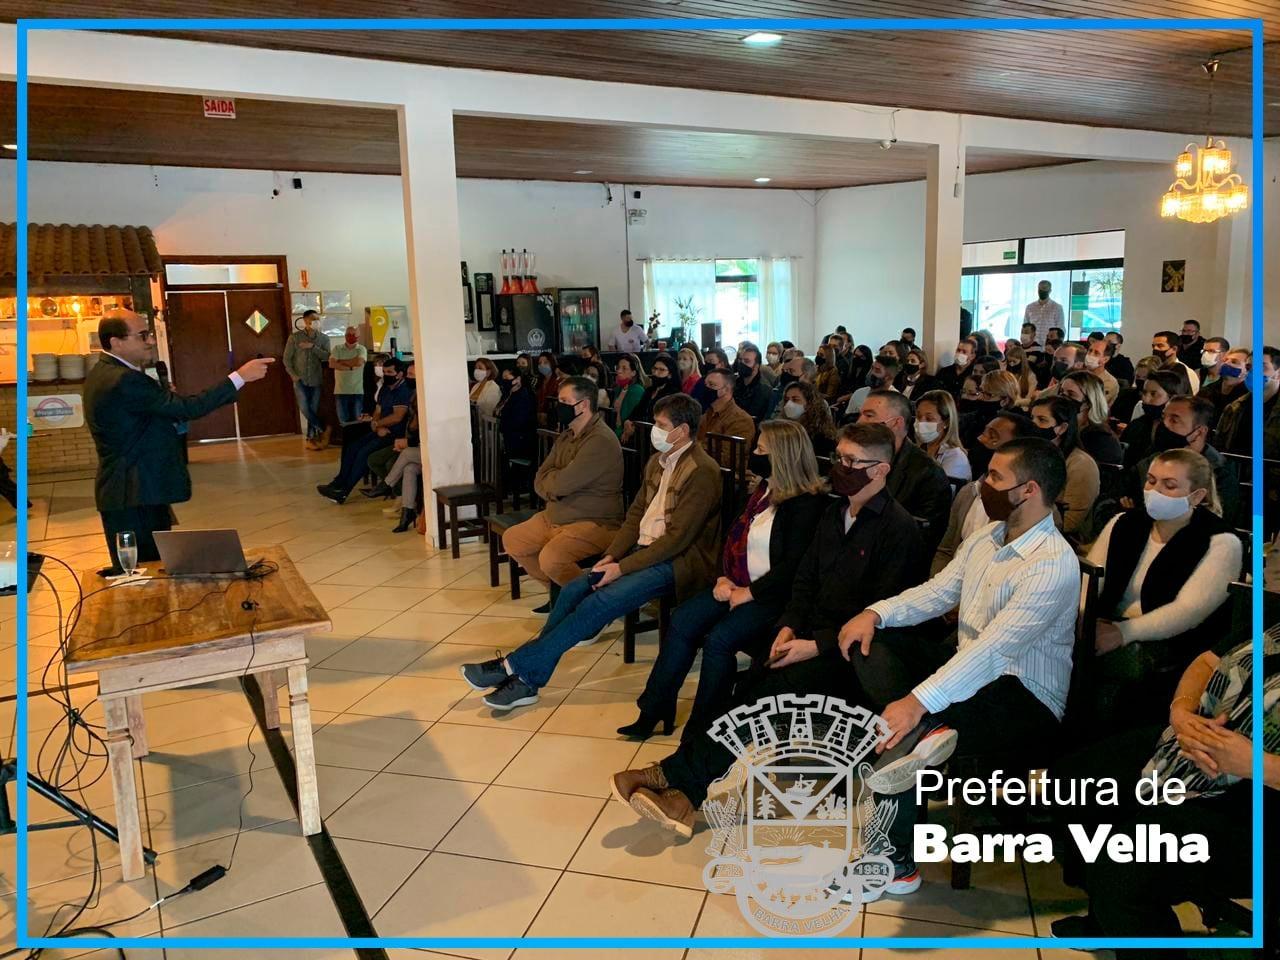 Capacitação Motivacional: Barra Velha foi palco de palestra proferida pelo consultor político, publicitário e escritor Amarildo Passos